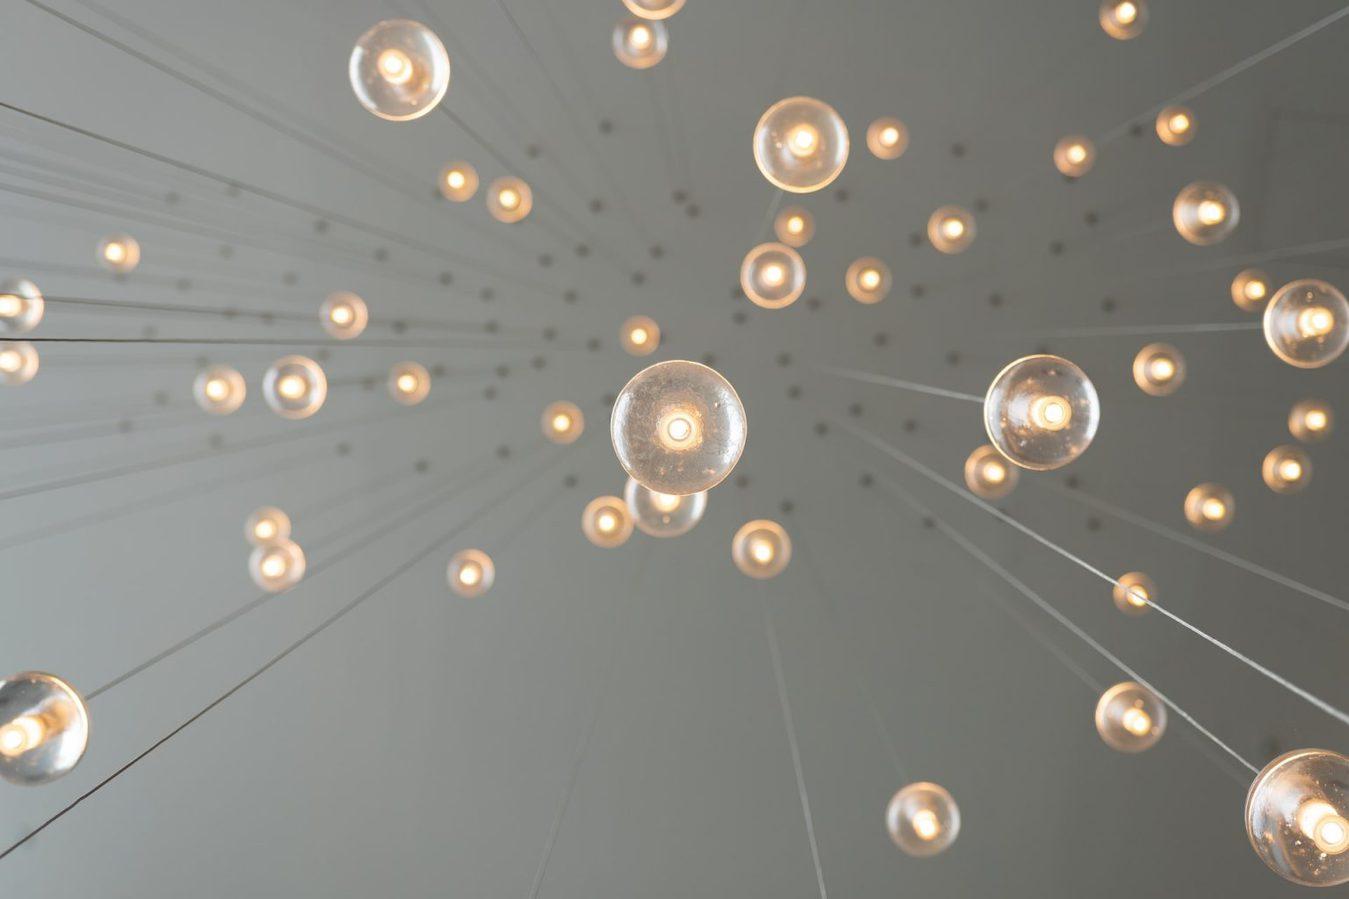 Creatieve gloeilampen boven hangend